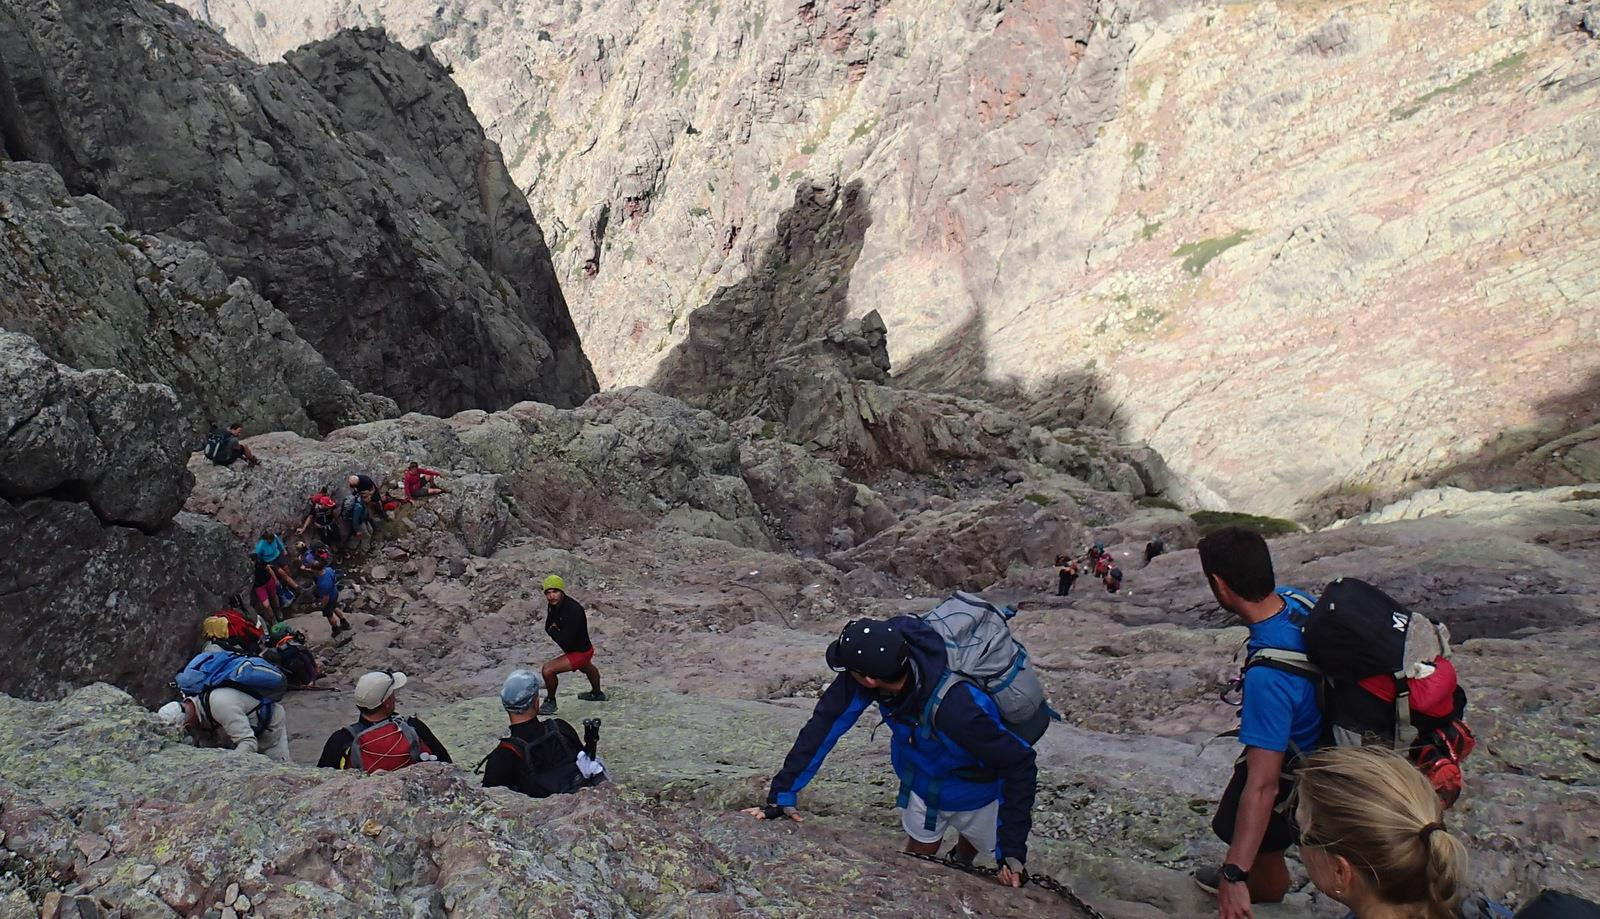 Etape 11 du GR20, du refuge de Tighjettu à Ascu en passant par le Cirque de la Solitude